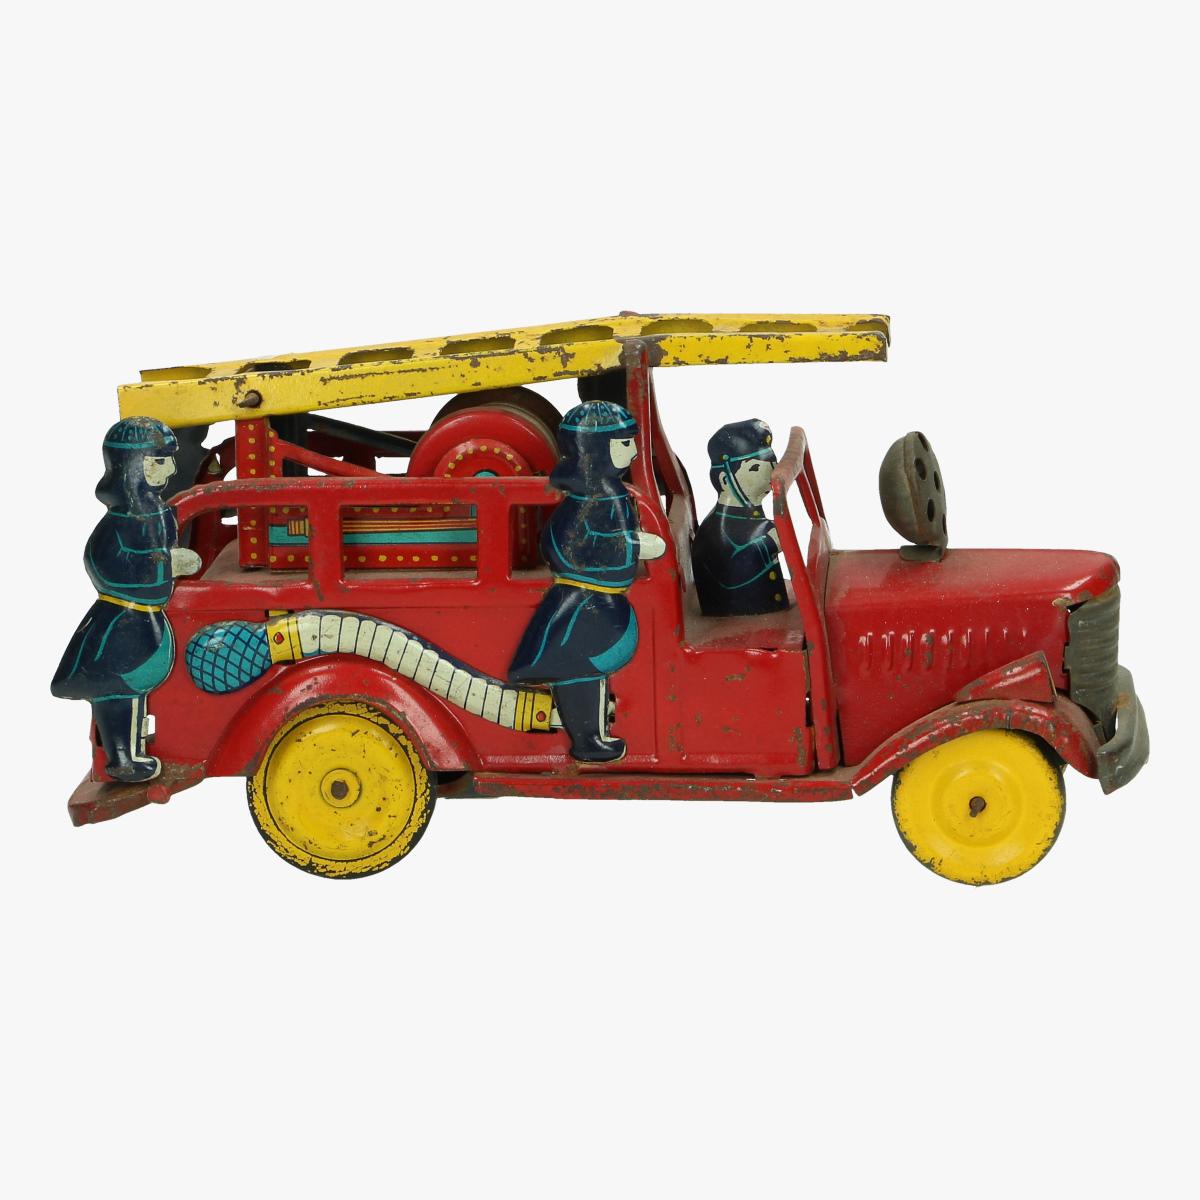 Afbeeldingen van oude blikken brandweerwagen made in Japan